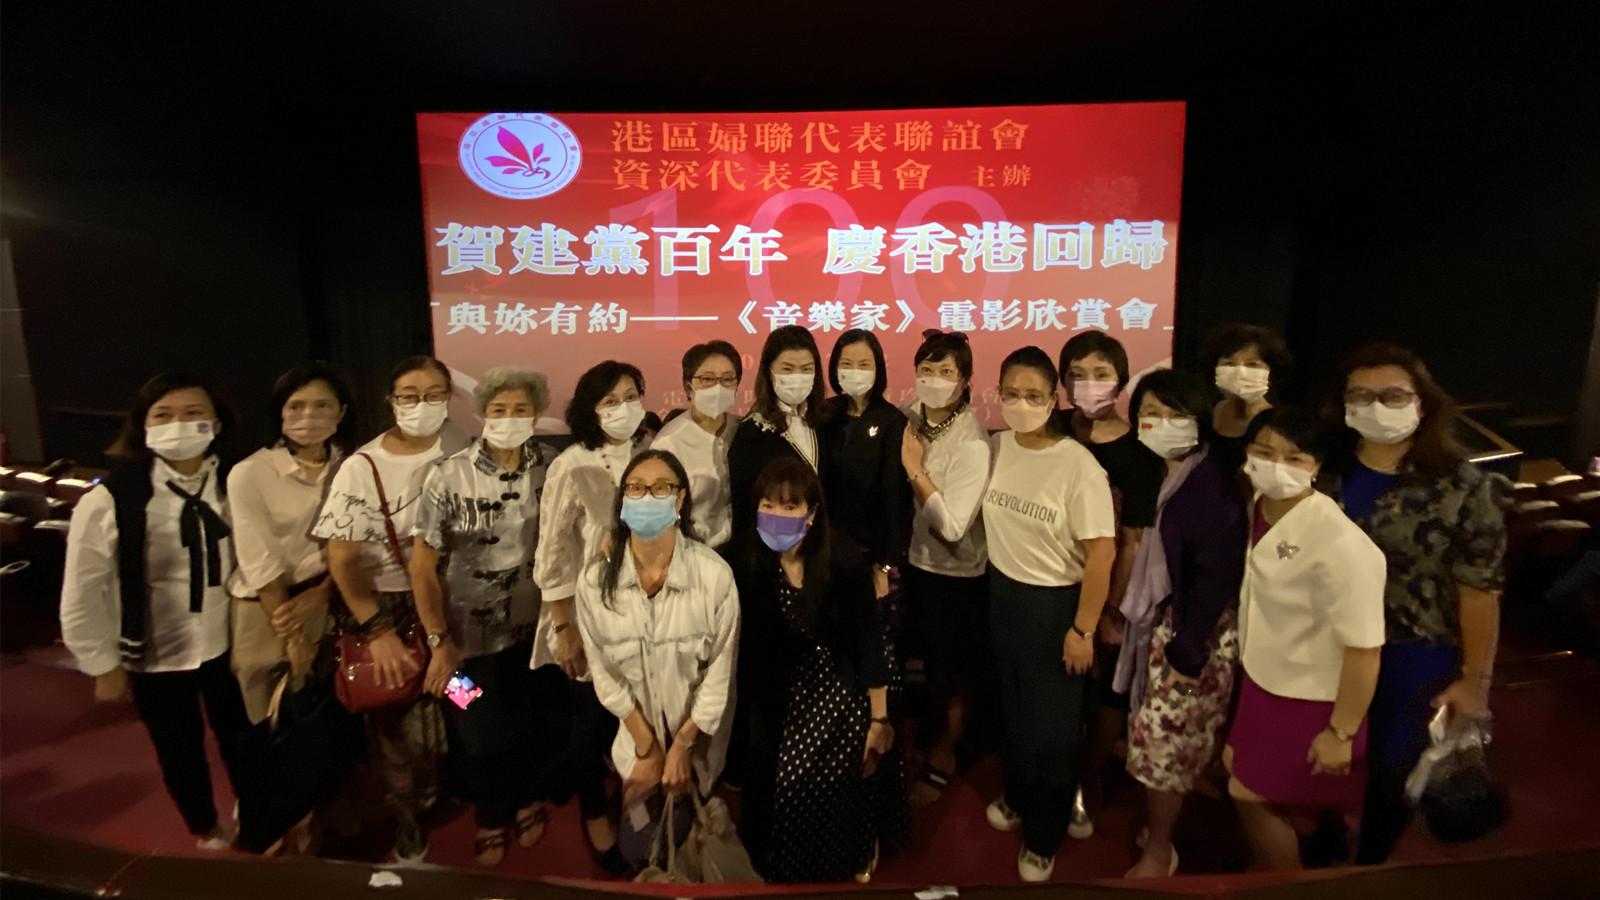 港區婦聯代表聯誼會辦電影欣賞會 賀建黨百年慶香港回歸